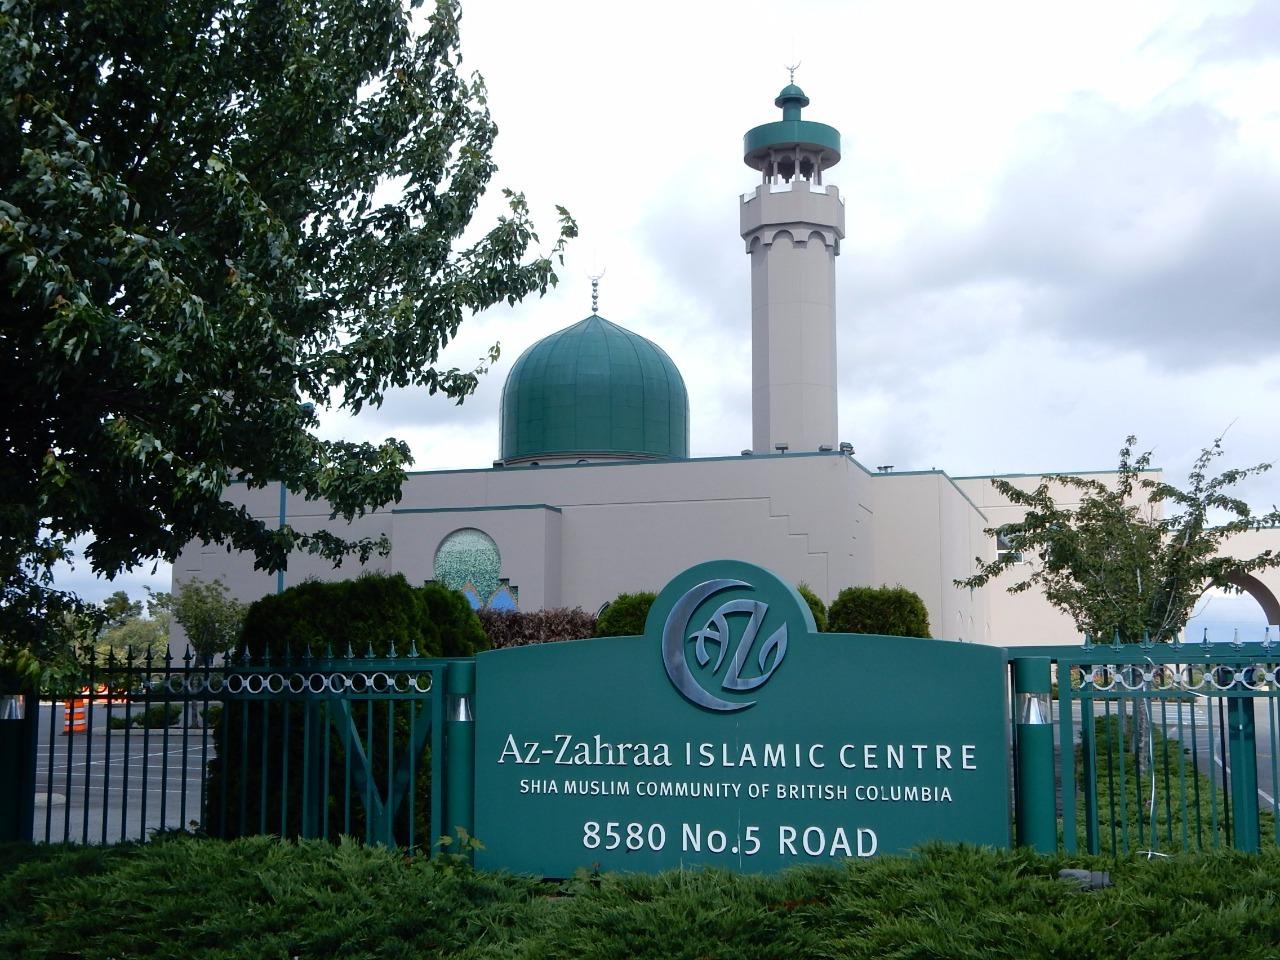 Al-Zahra Islamic Centre